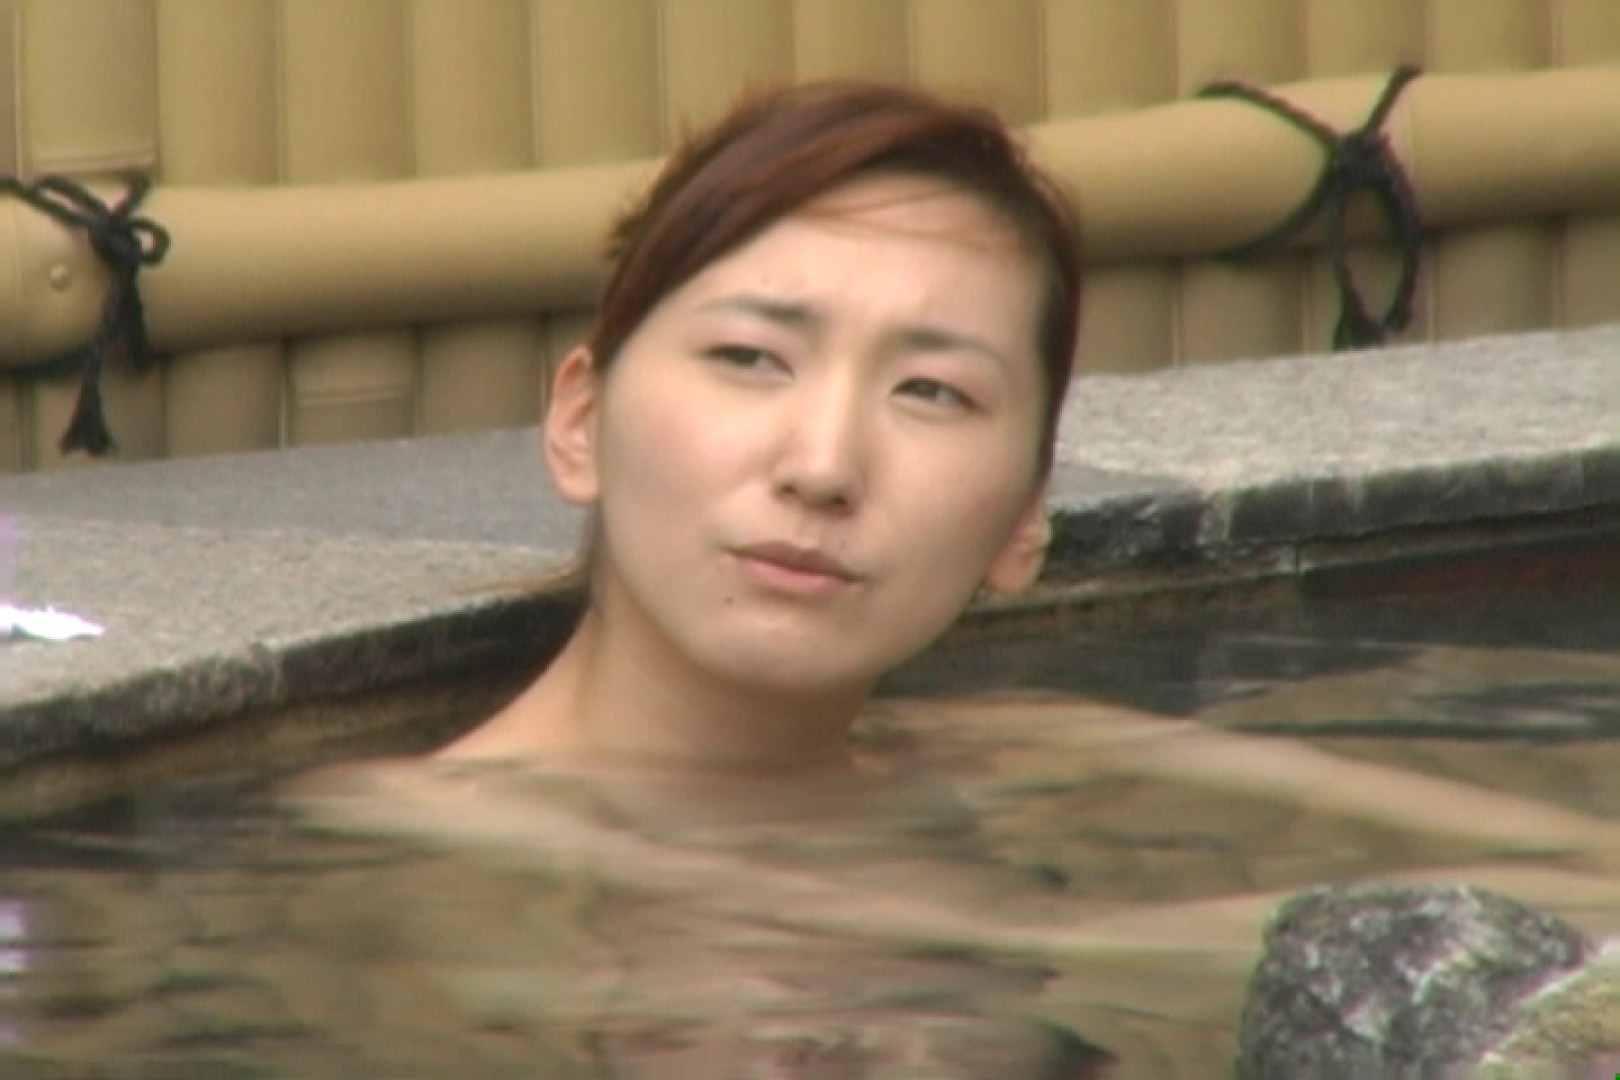 Aquaな露天風呂Vol.616 盗撮 性交動画流出 99画像 47